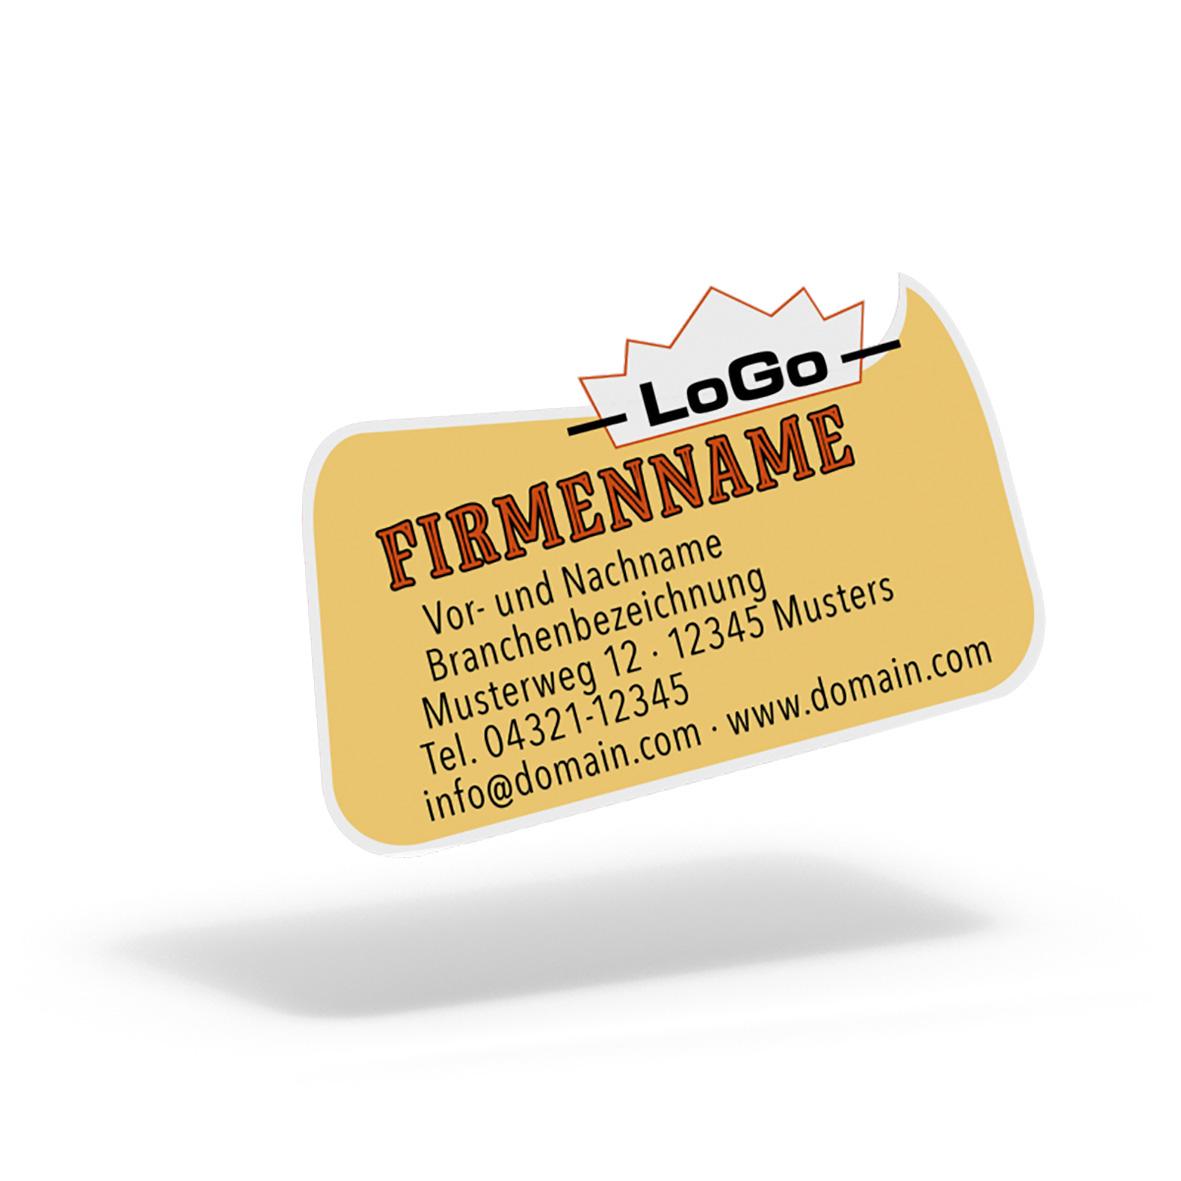 Pythagoras Marketing Gmbh Folien Aufkleber Etiketten Rechteckige Blase Geschenkgutscheine Visitenkarten Kundenkarten Und Weitere Treuesysteme